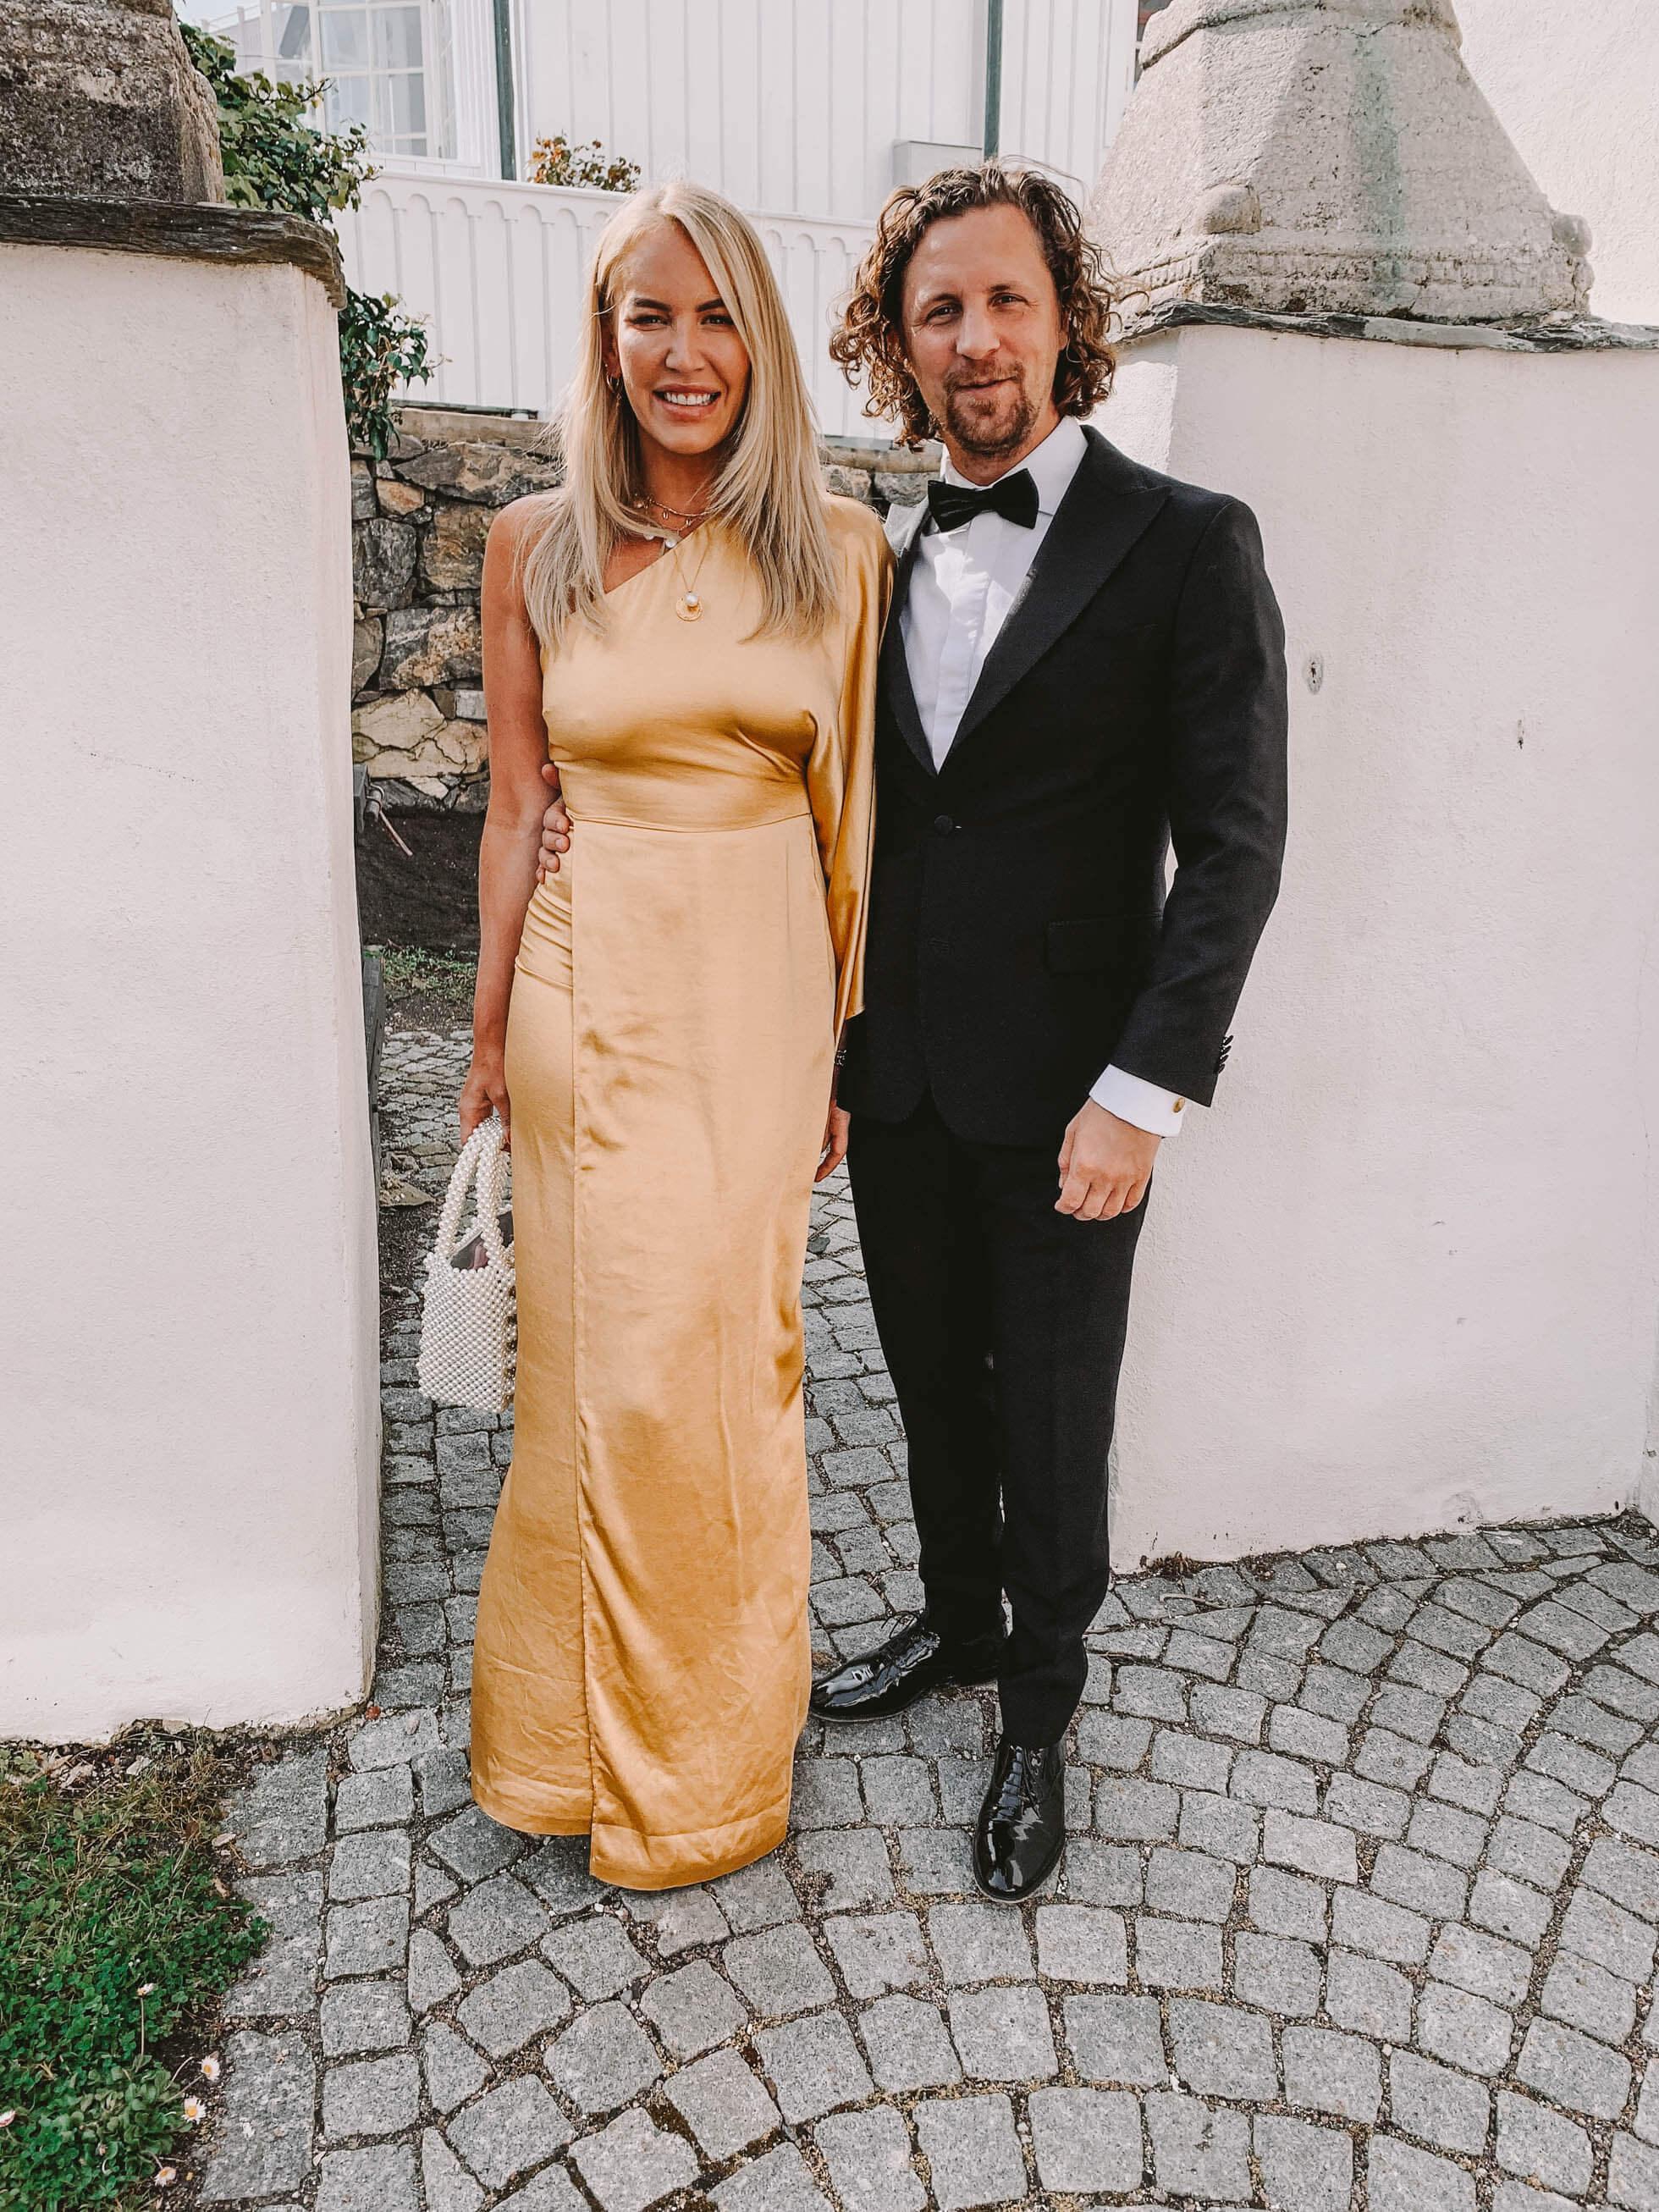 45e6afde8a38 Jag hade på mig vår Adoore Athens klänning, den är så smickrande. Man  känner sig så kvinnlig i den, den smiter verkligen åt på de rätta ställena,  ...